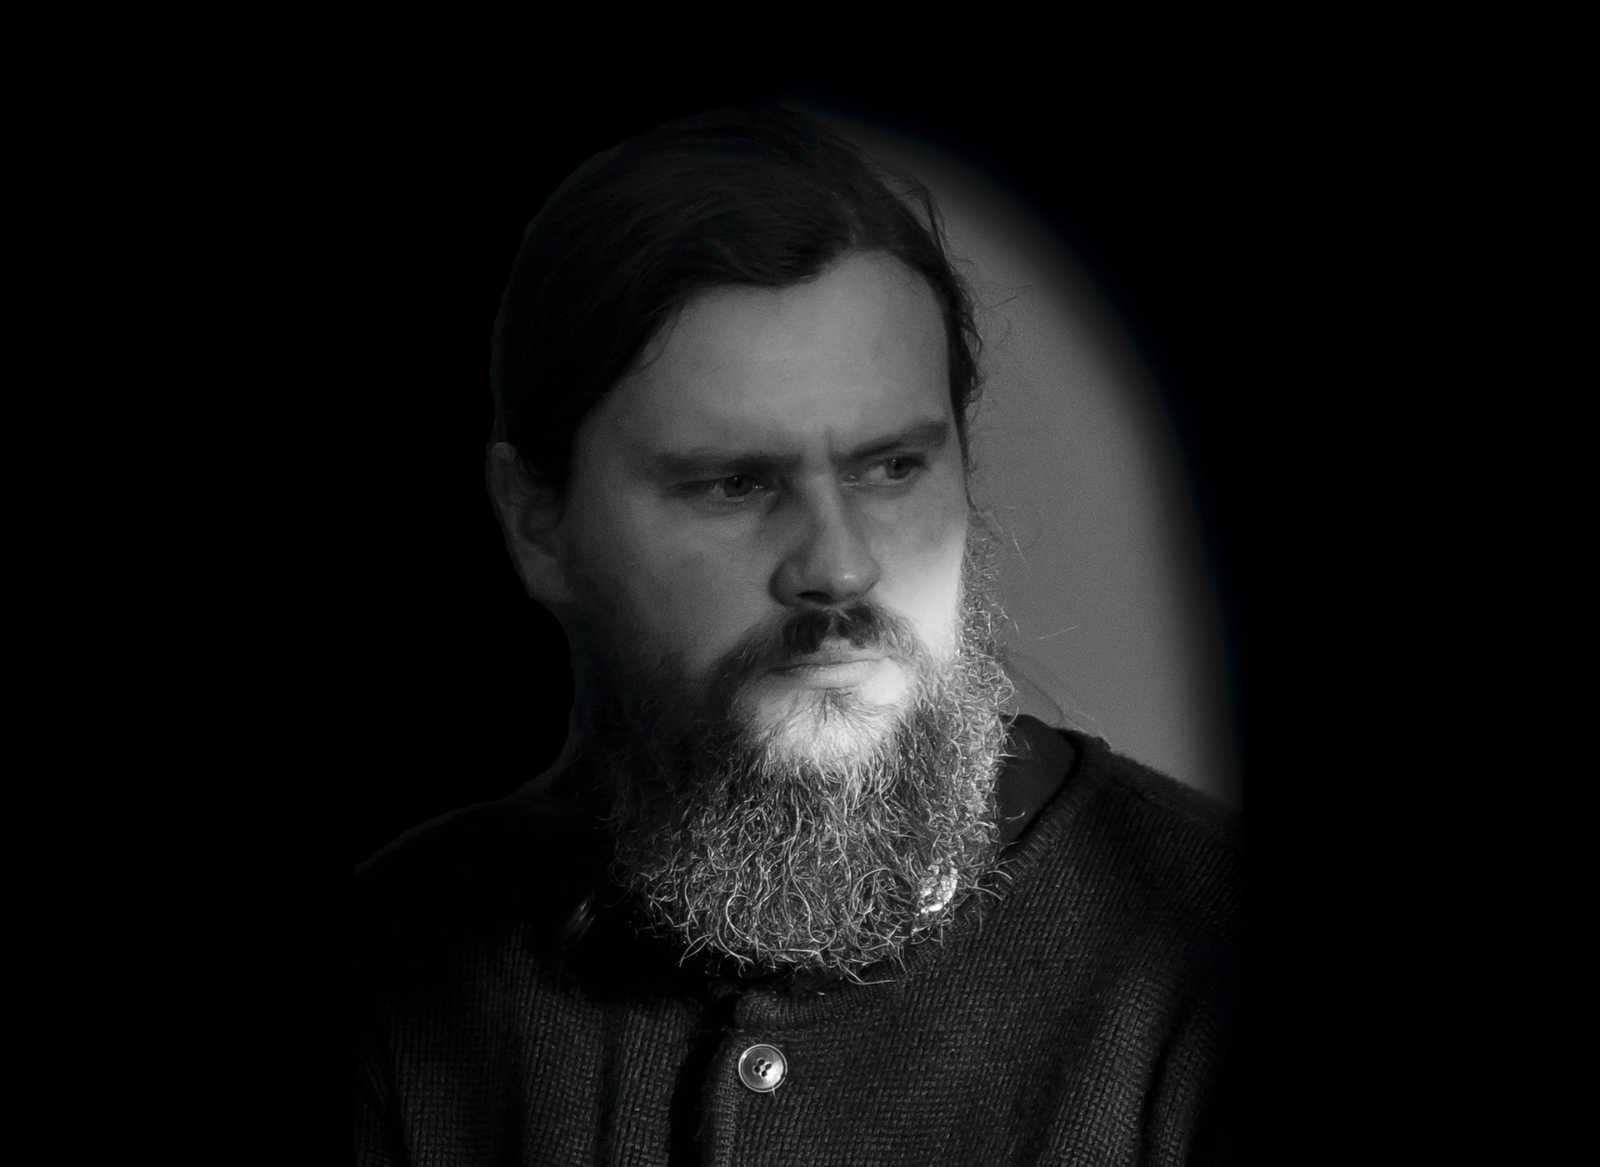 протоиерей Ярослав Иванов, настоятель храма преподобного Сергия Радонежского, г.Челябинск